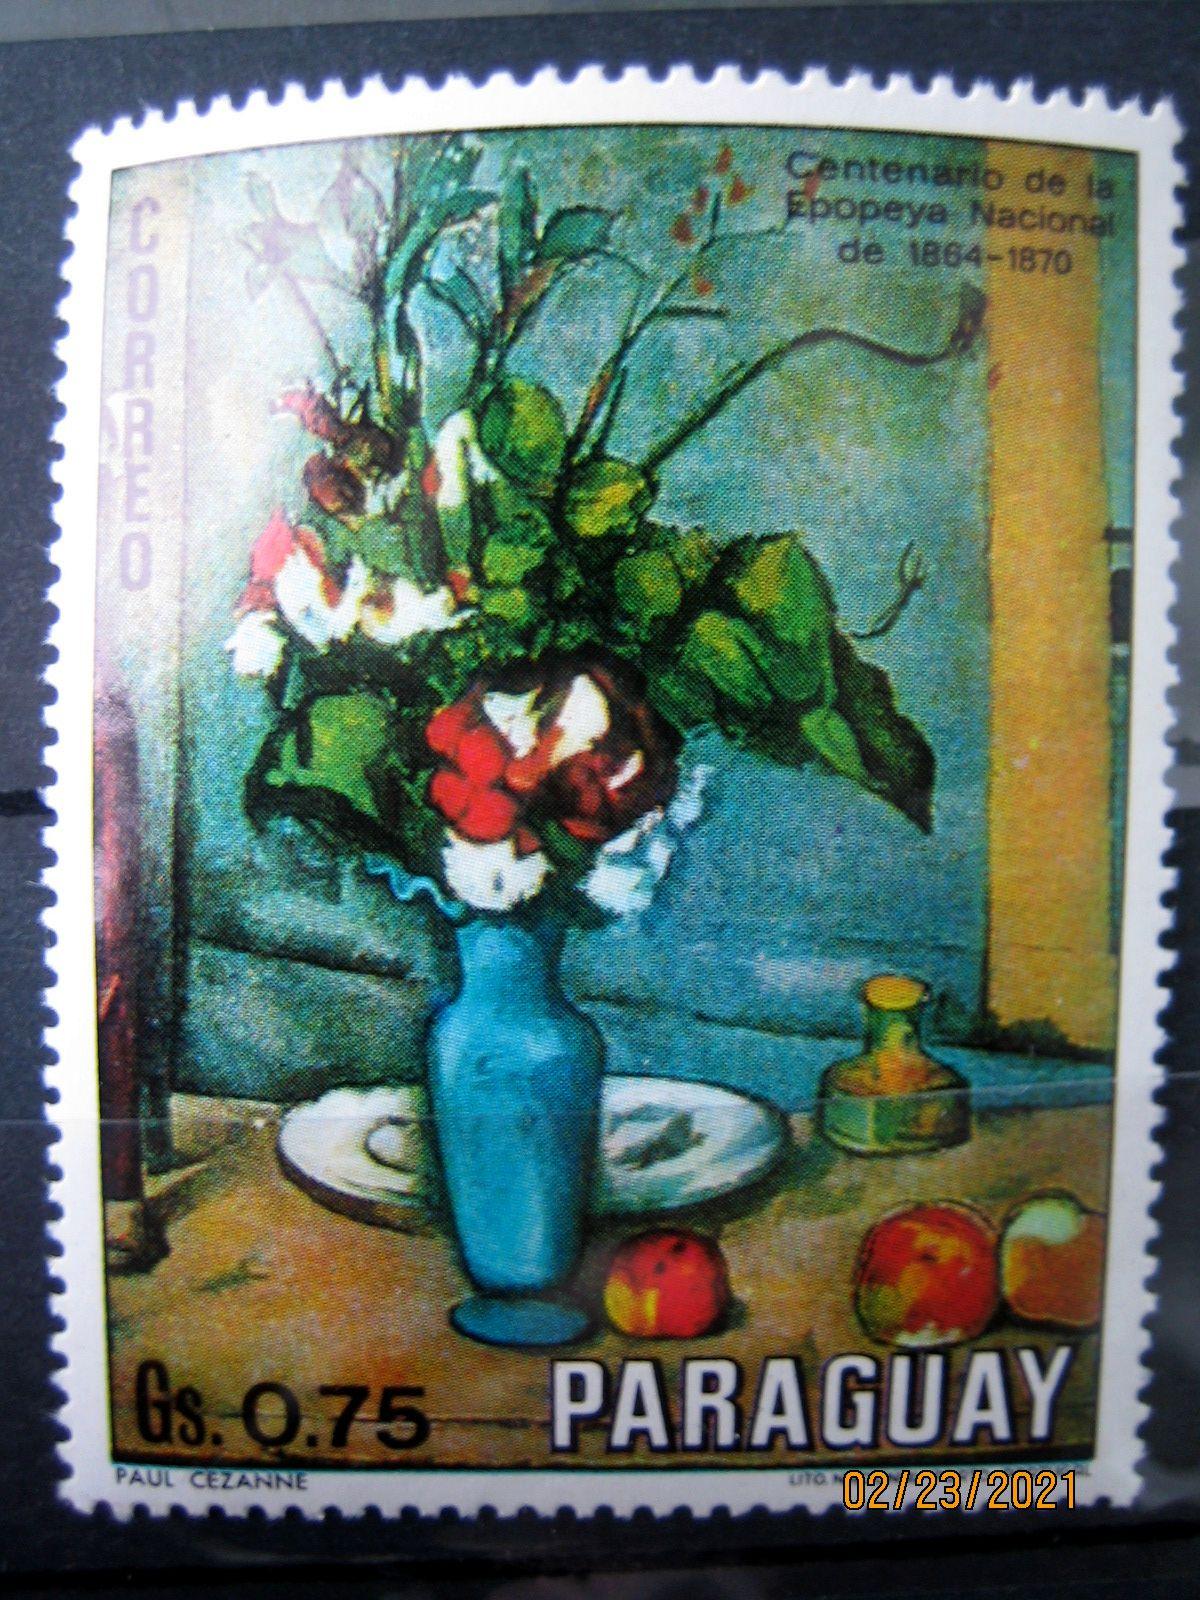 Марка Парагвай, 1970 г. Флора, 100-летие национального эпоса 1864-1870, на марке представлена Цветочная композиция Сезанна; Mi:PY 2098, Sn:PY 1301, Yt:PY 1095, номинал — 0.75 Gs (гурани)